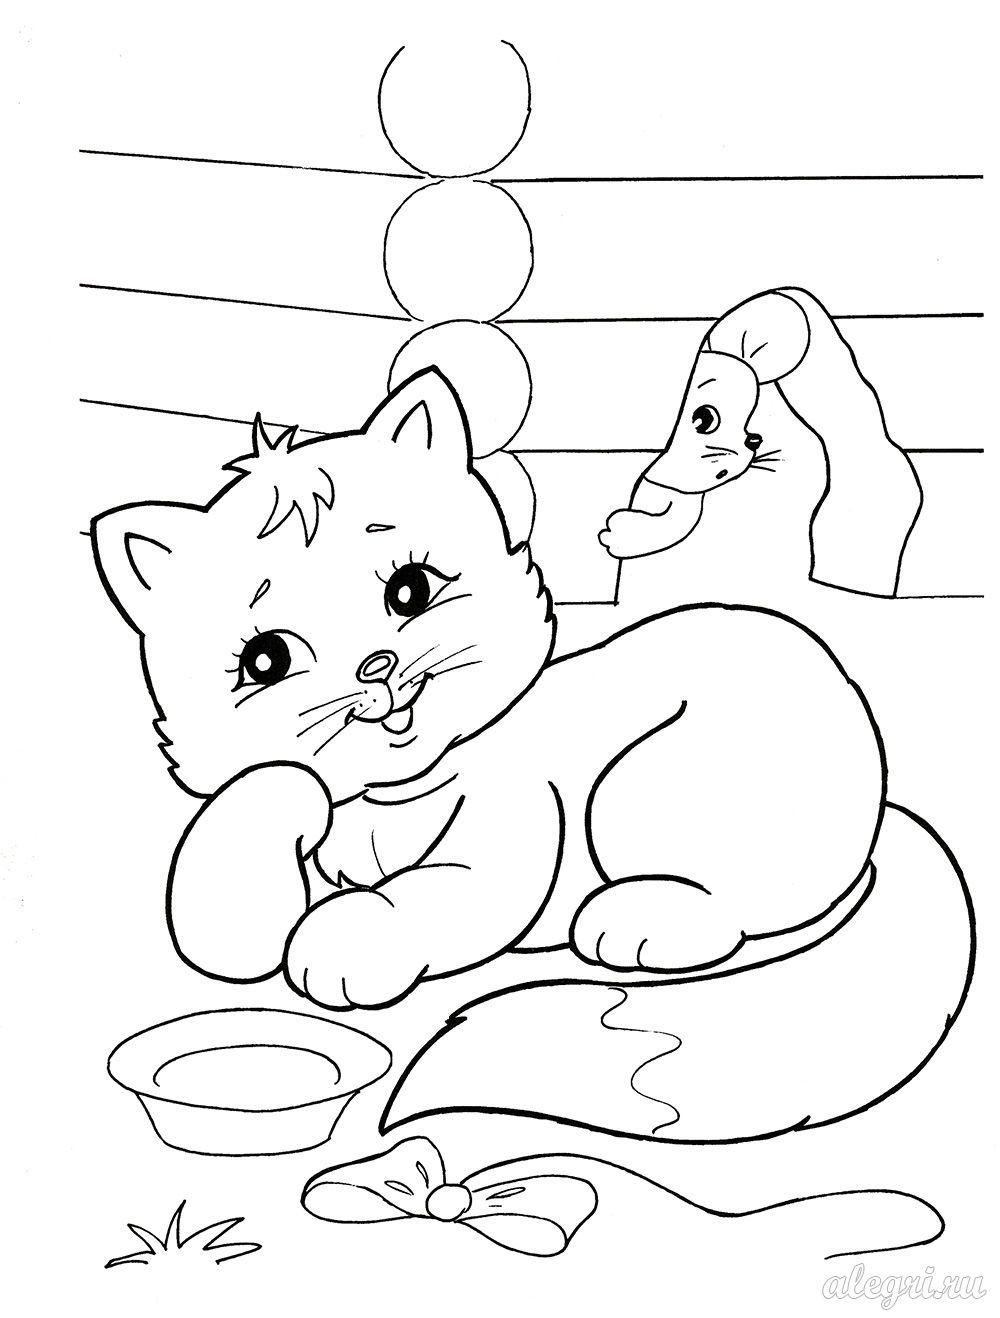 Кошка и мышка. Раскраска